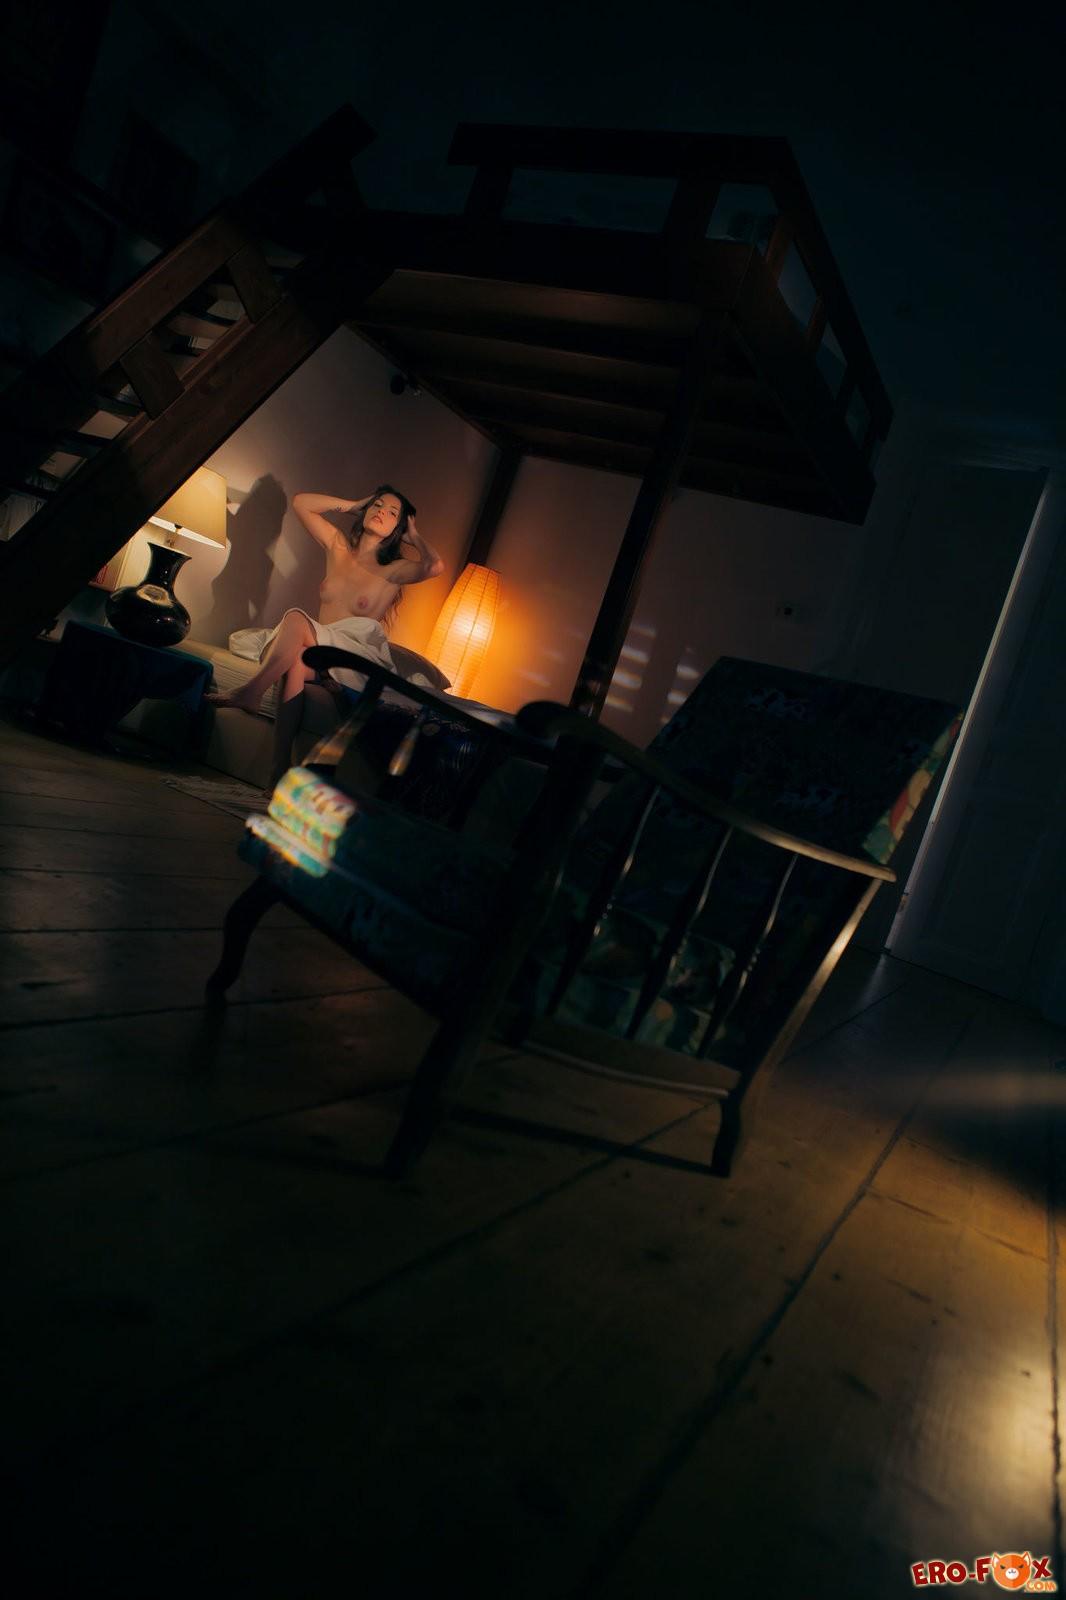 Голая девушка в темноте перед сном  эротика.